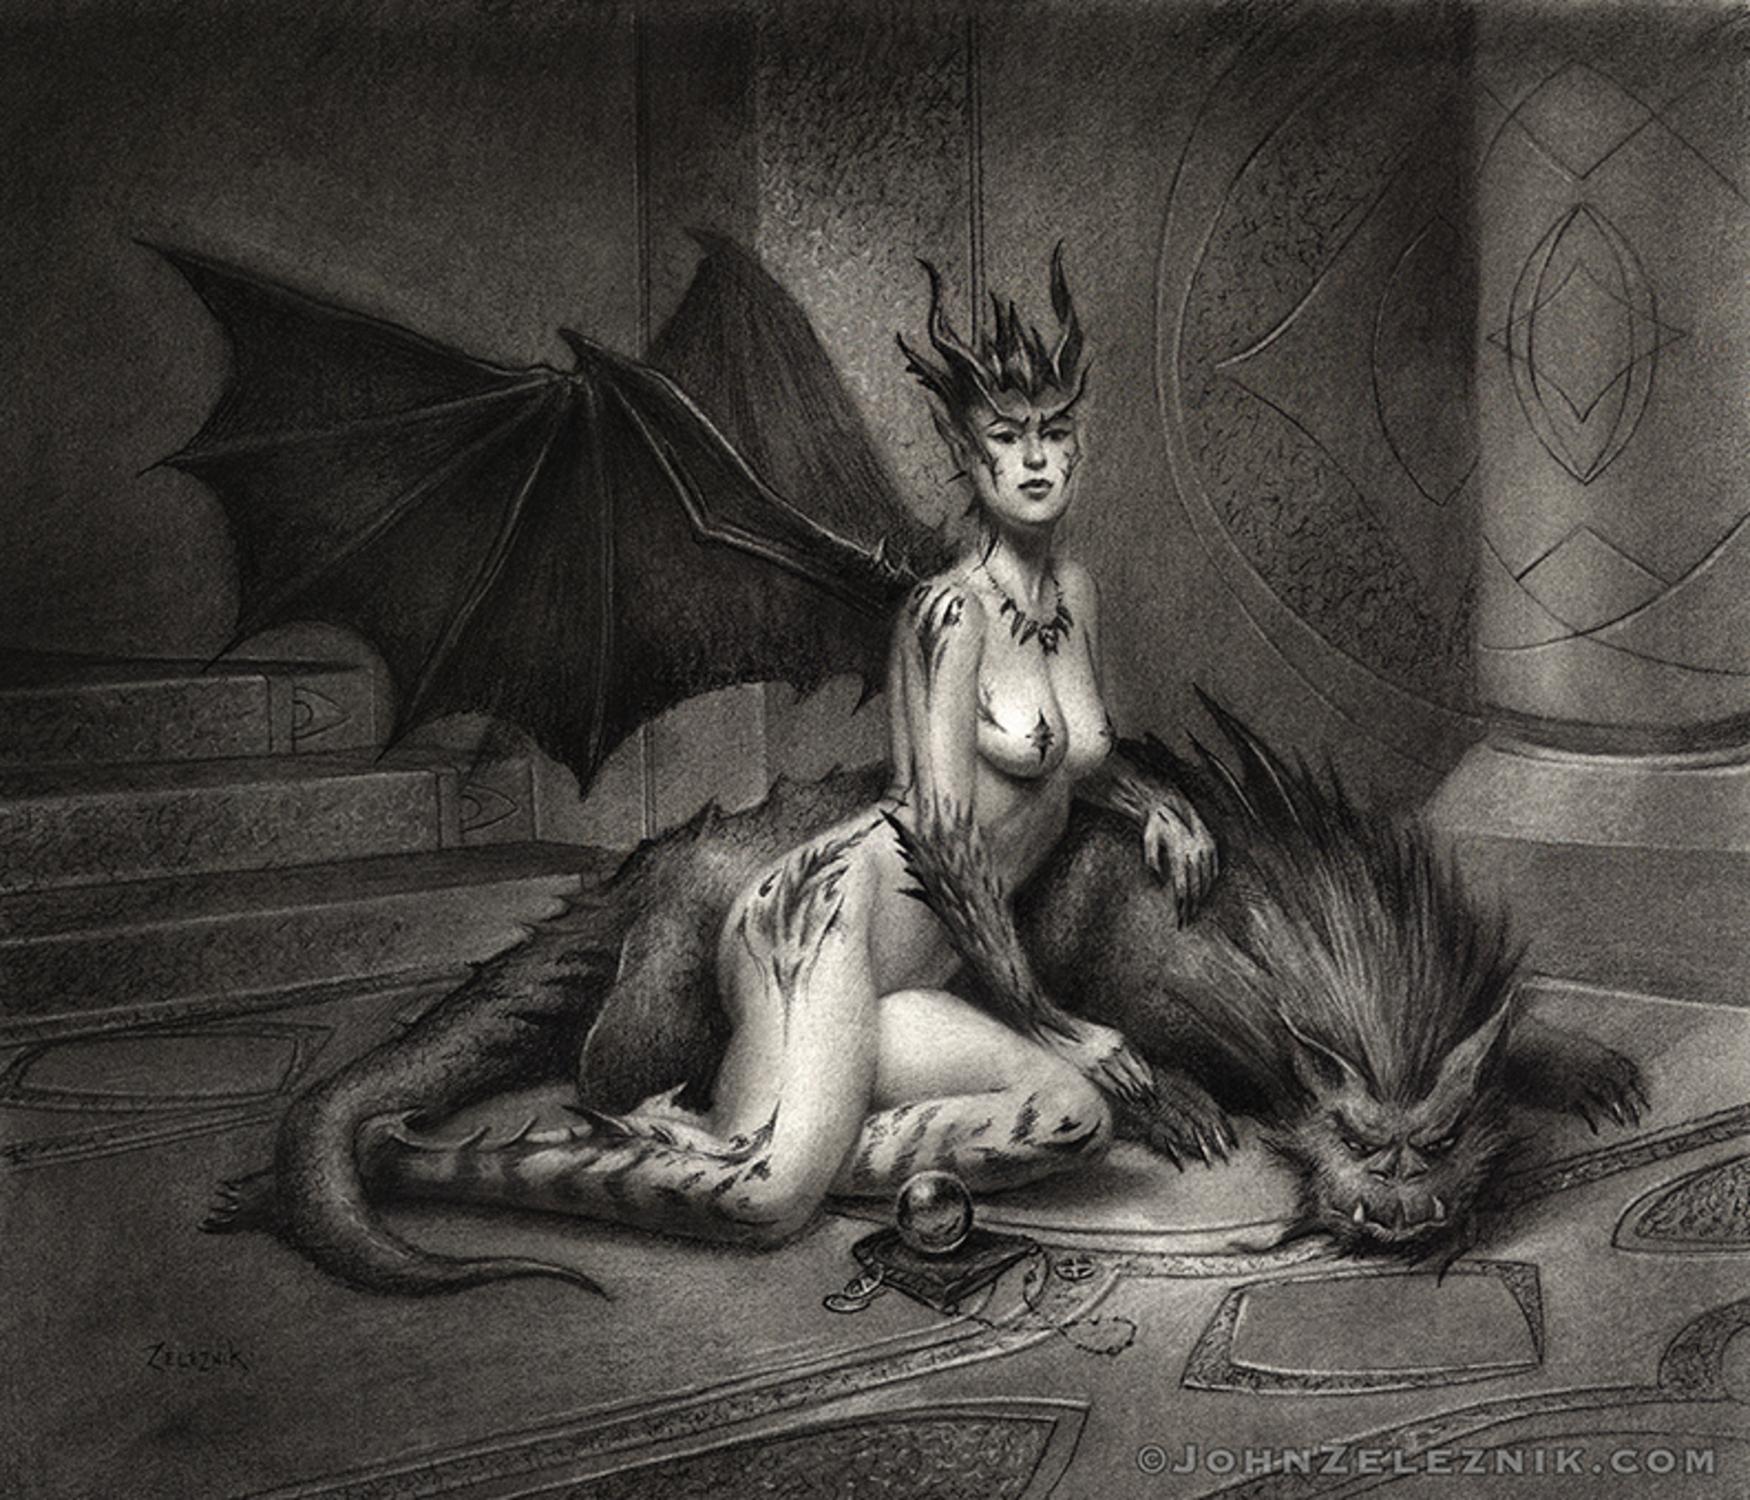 Shadia & the Beast Artwork by John Zeleznik